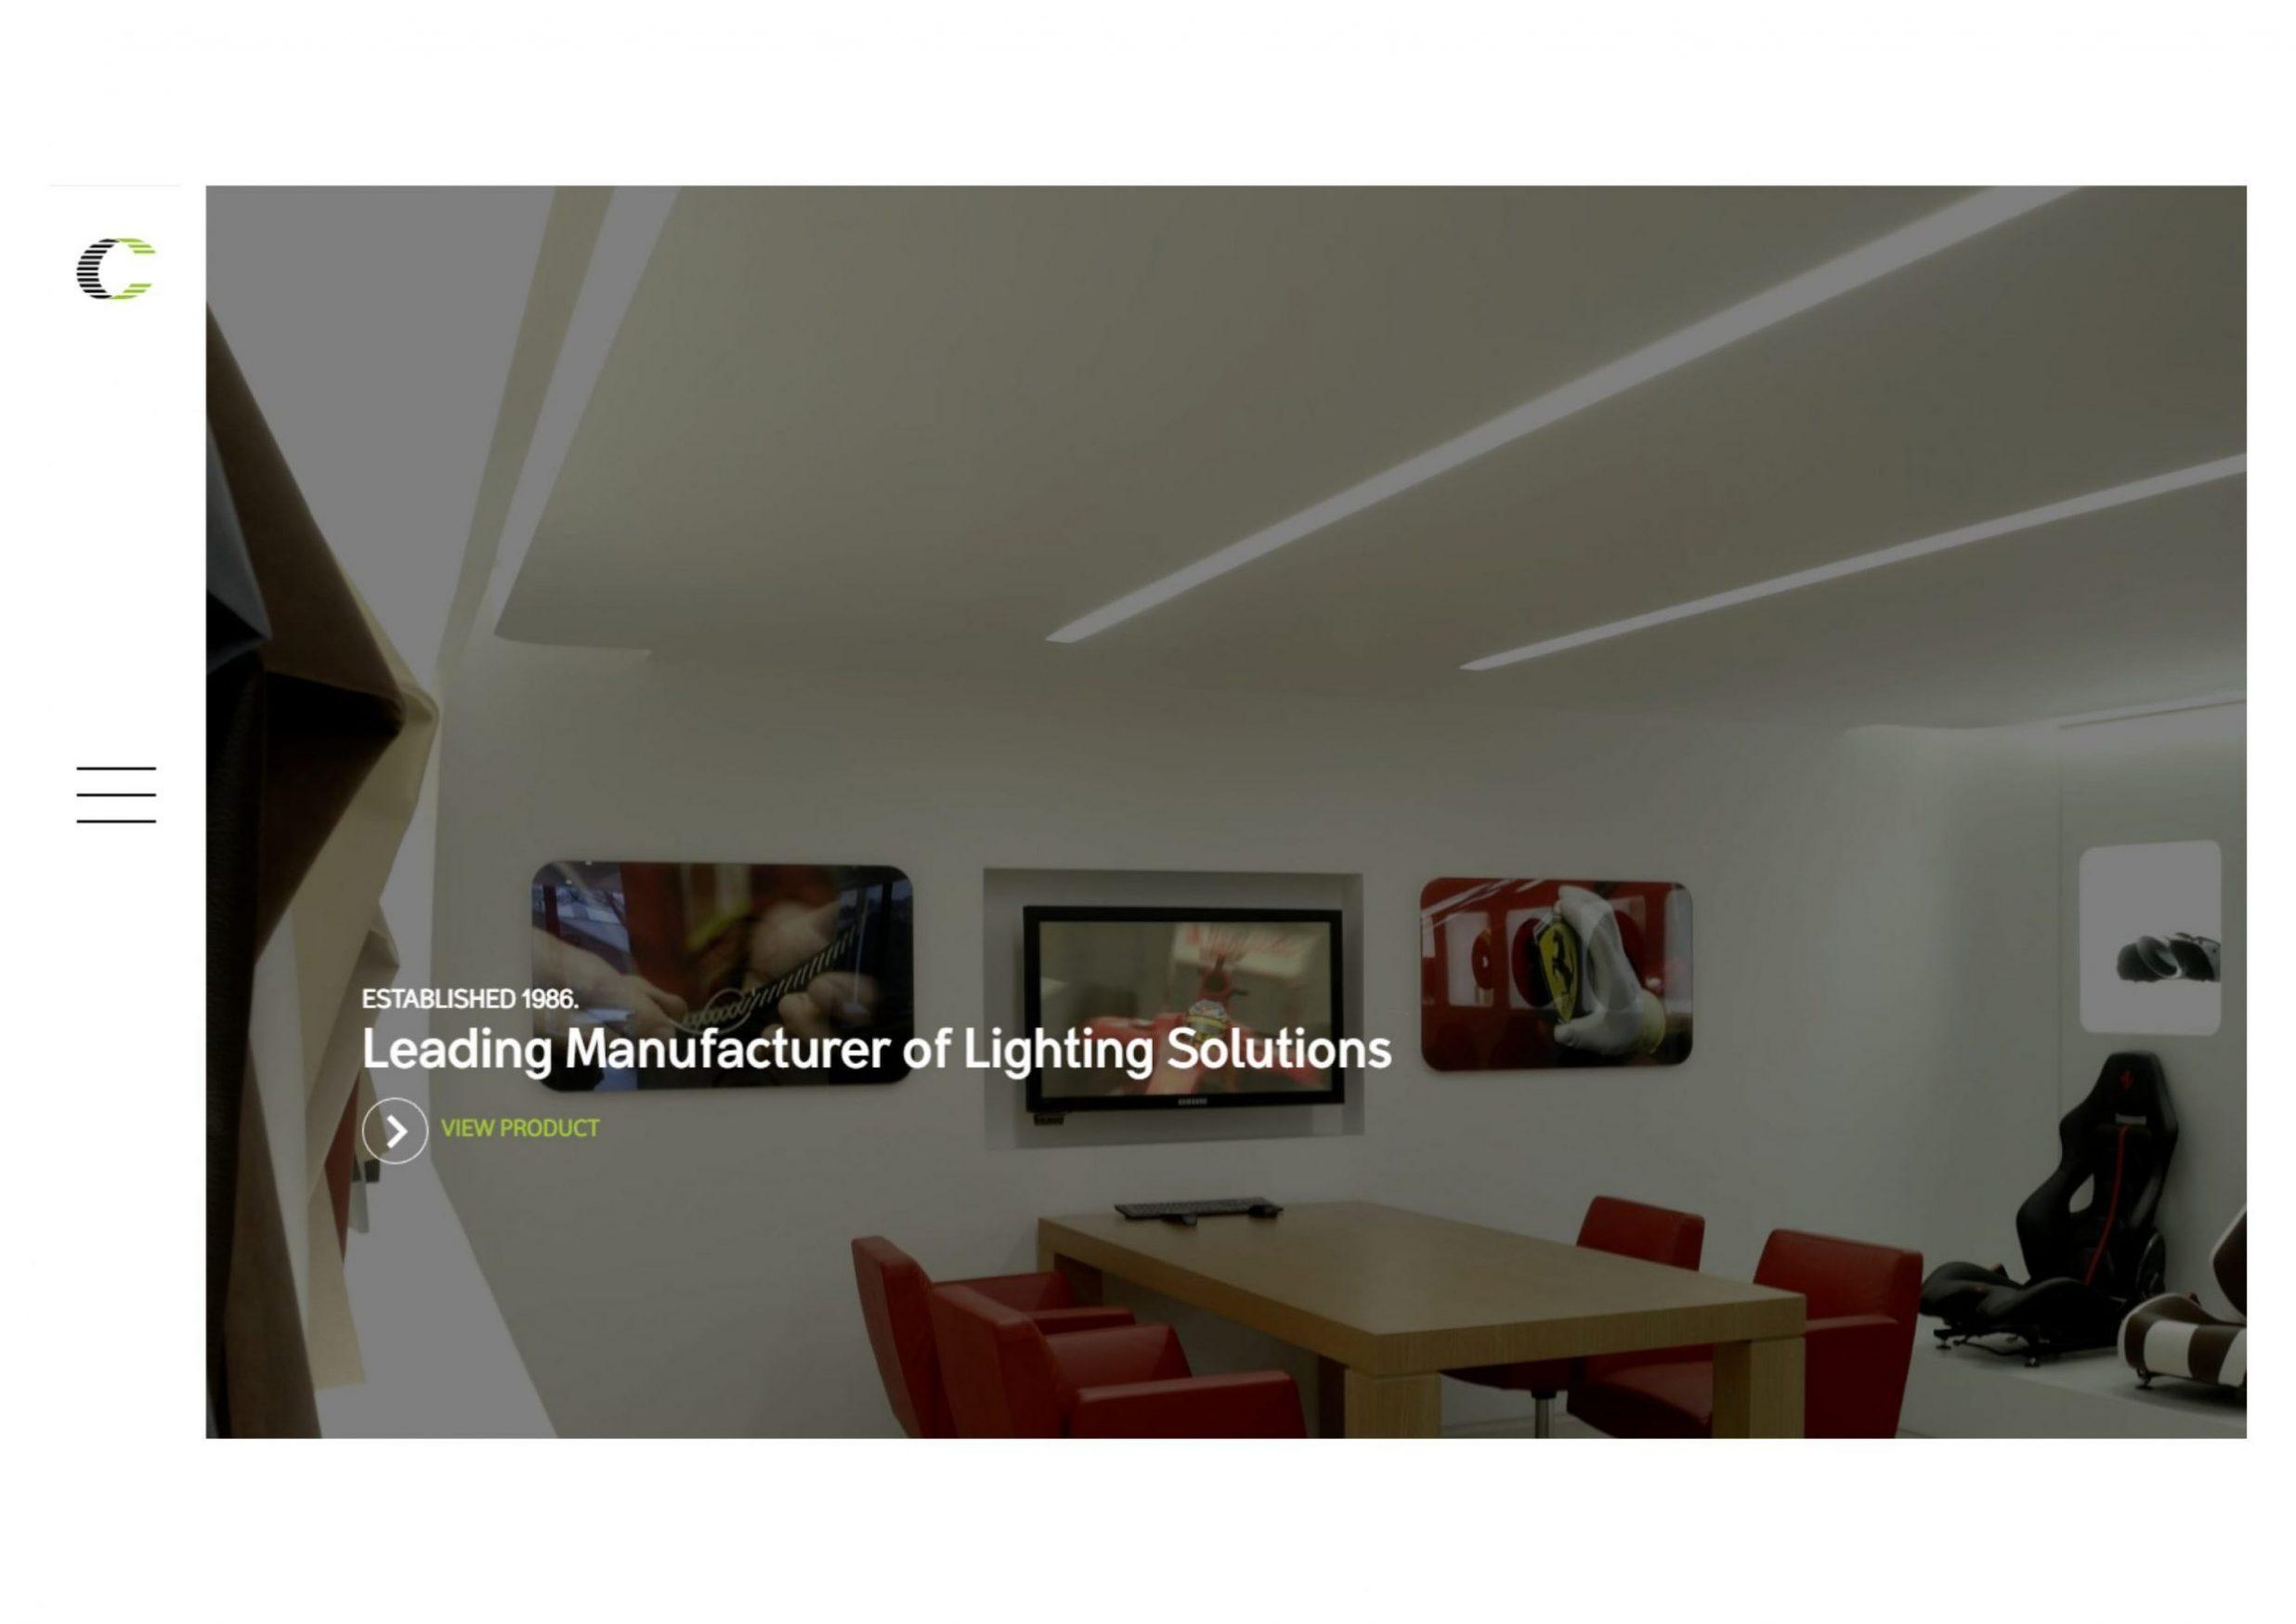 https://contrac-lighting.co.uk/wp-content/uploads/2017/12/NEW-LOOK-WEBSITE-1-e1525862728363.jpg